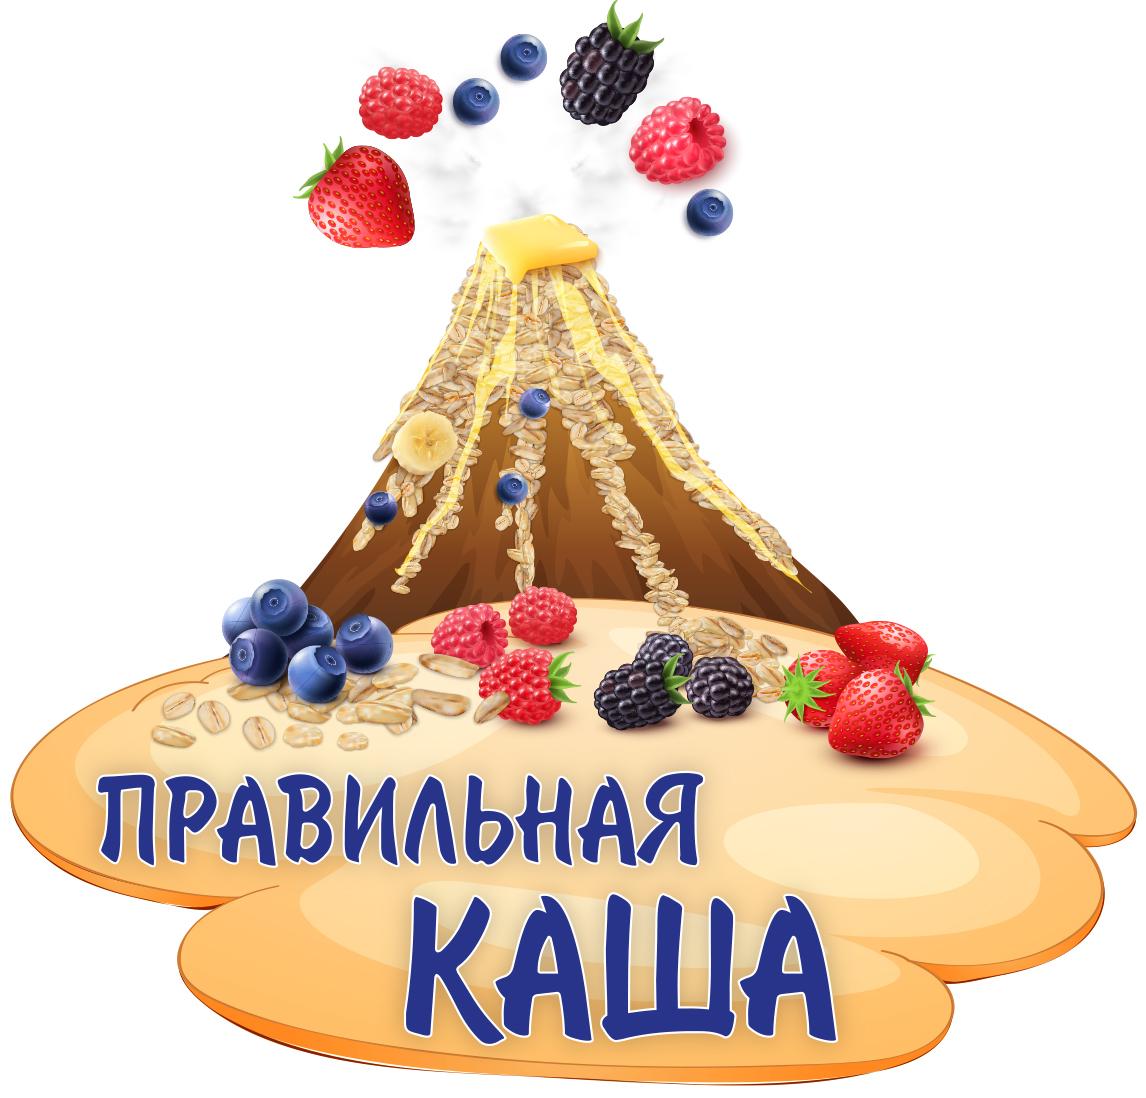 Веб-дизайнер, создание логотипа. фото f_6985ec228d28f8c9.jpg